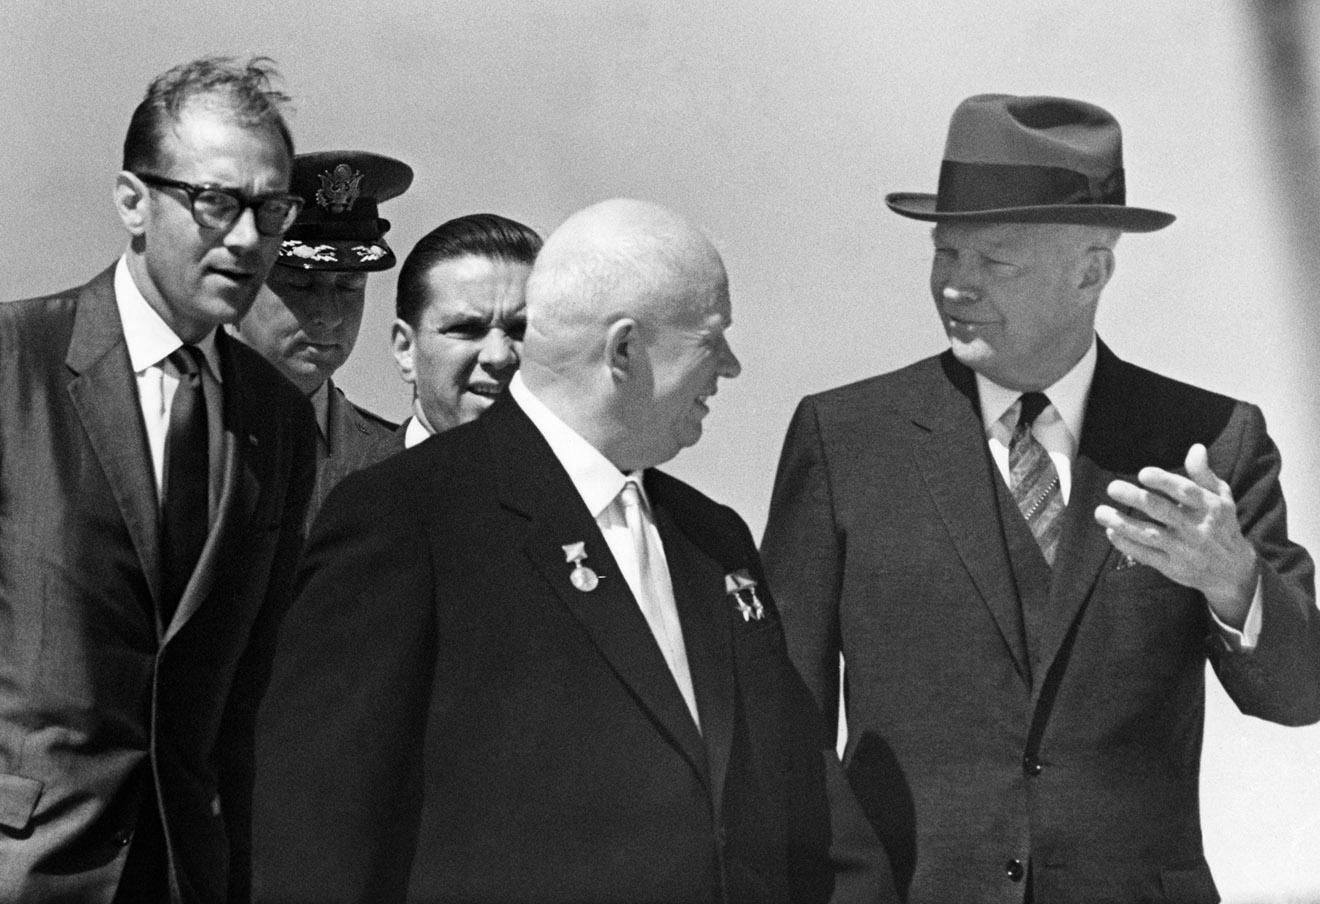 Никита Хрущев и Дуайт Эйзенхауэр (слева направо на первом плане) на аэродроме Эндрюс близ Вашингтона, 1959 год.